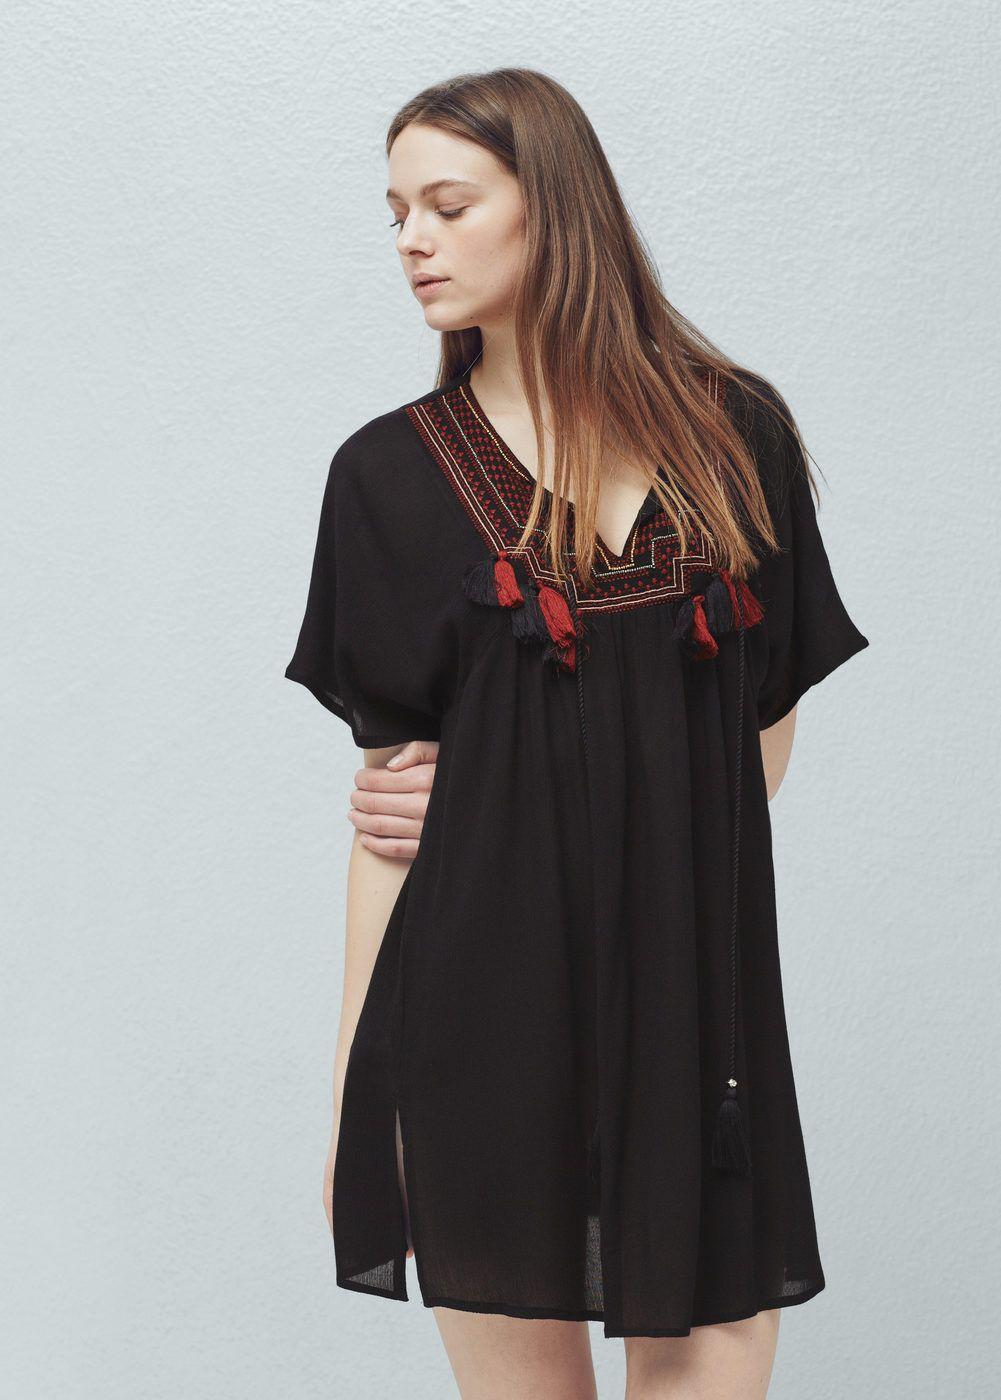 6915285ad0e3 Kleid mit besticktem einsatz - Damen   Pinterest   Besticken, Mango ...